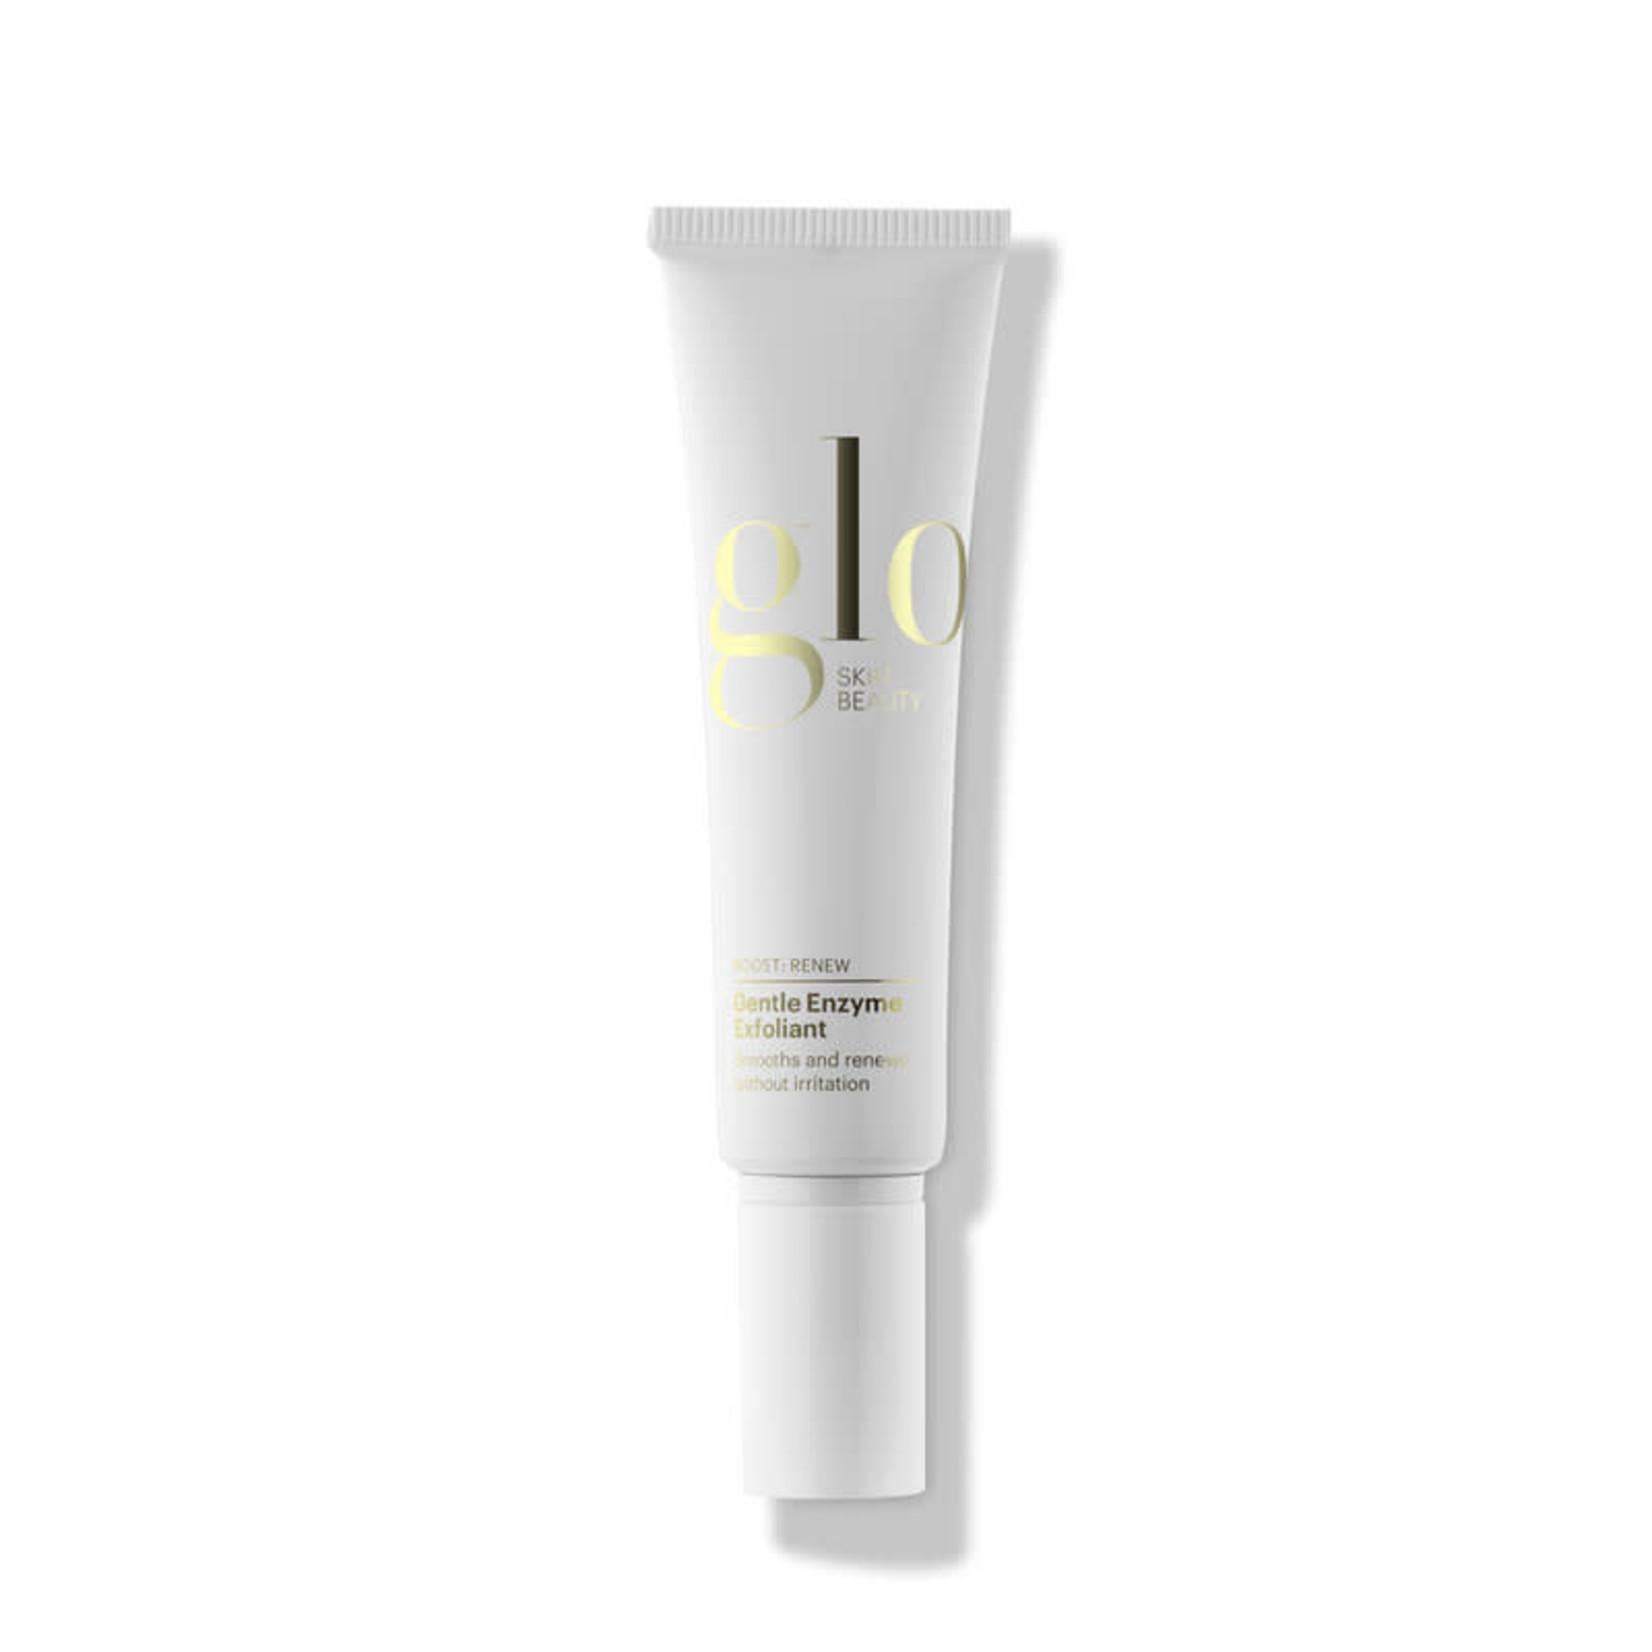 Glo Skin Beauty Gentle Enzyme Exfoliant